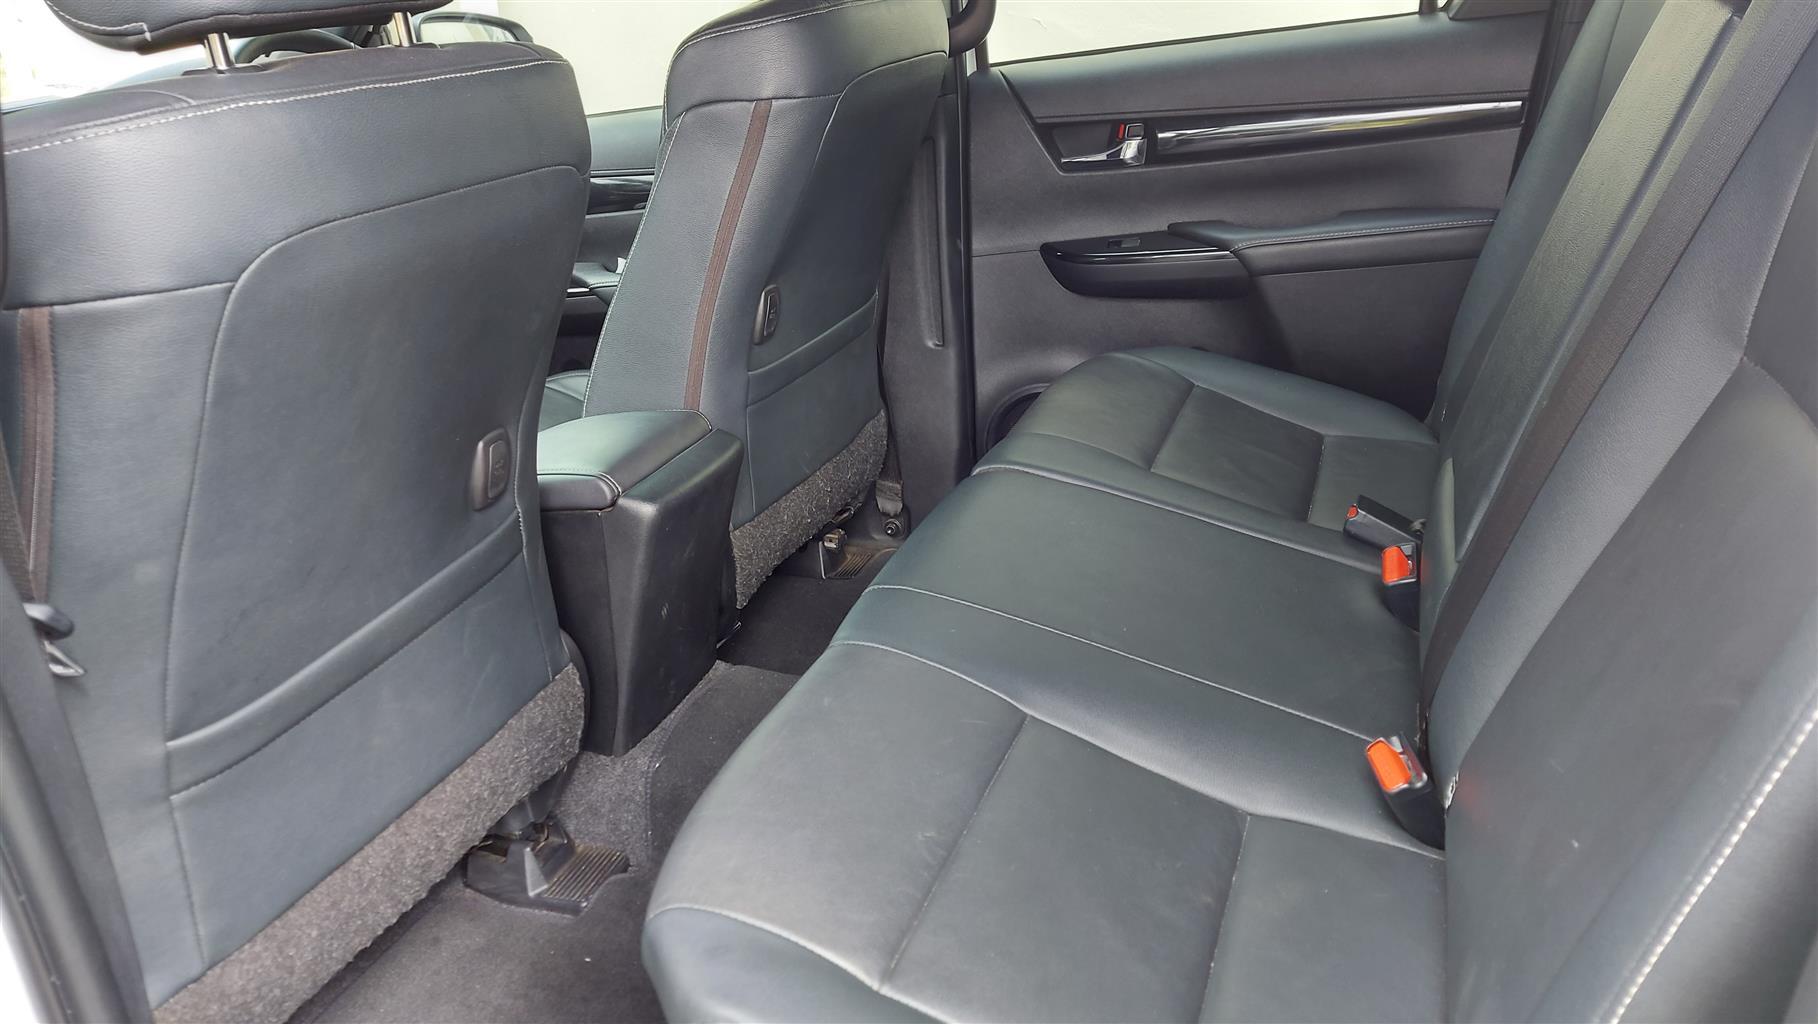 2018 Toyota Hilux double cab HILUX 2.8 GD 6 RAIDER 4X4 P/U D/C